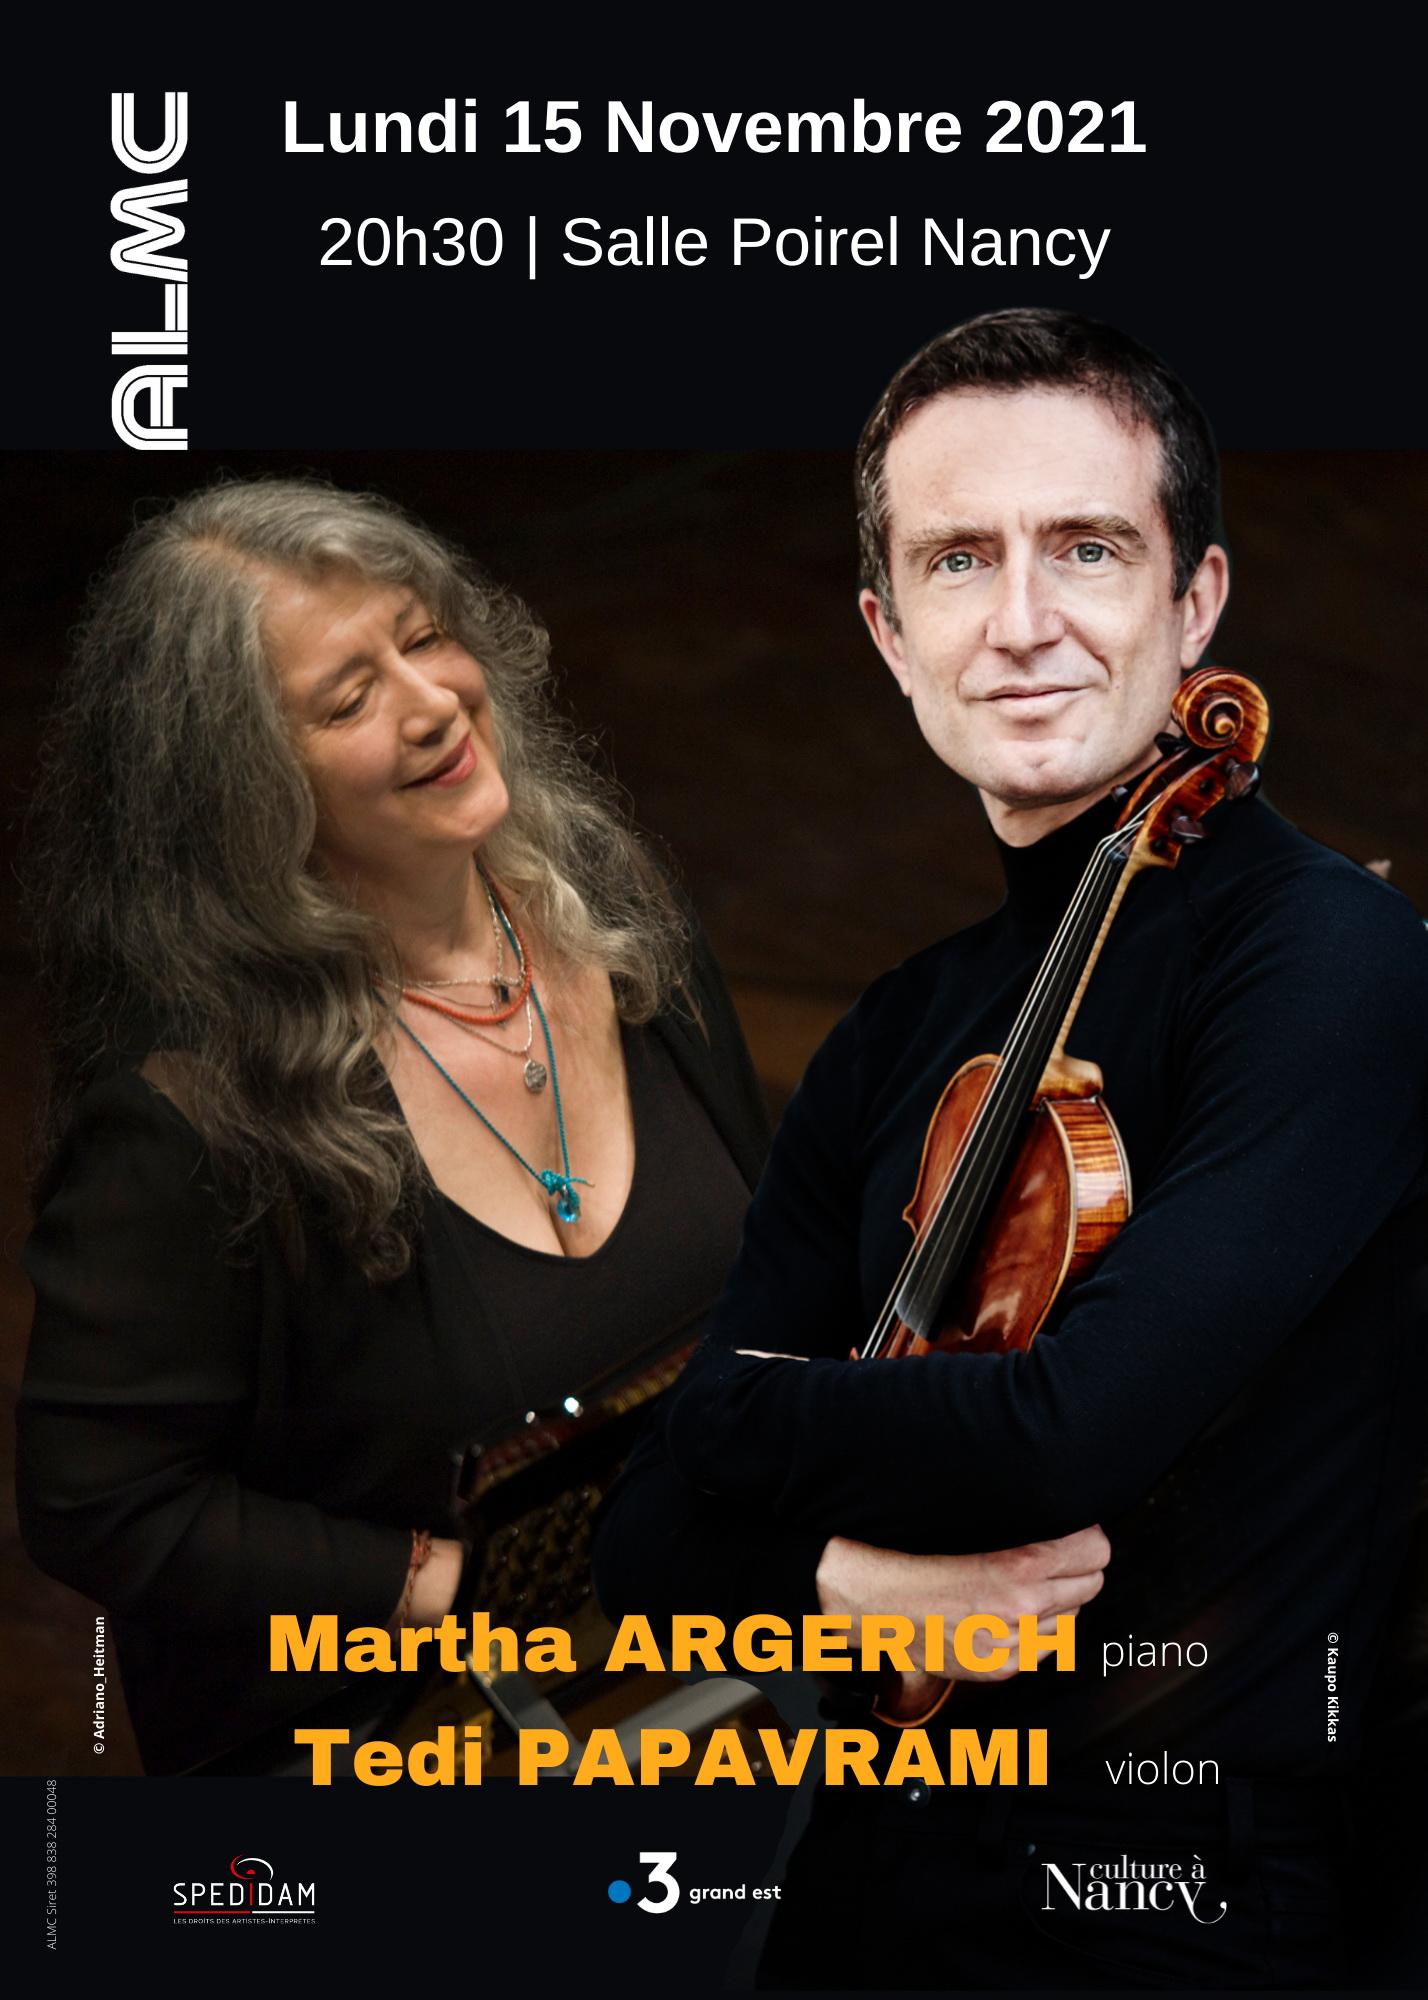 MARTHA ARGERICH PIANO & PEDI PAPAVRAMI VIOLON Nancy